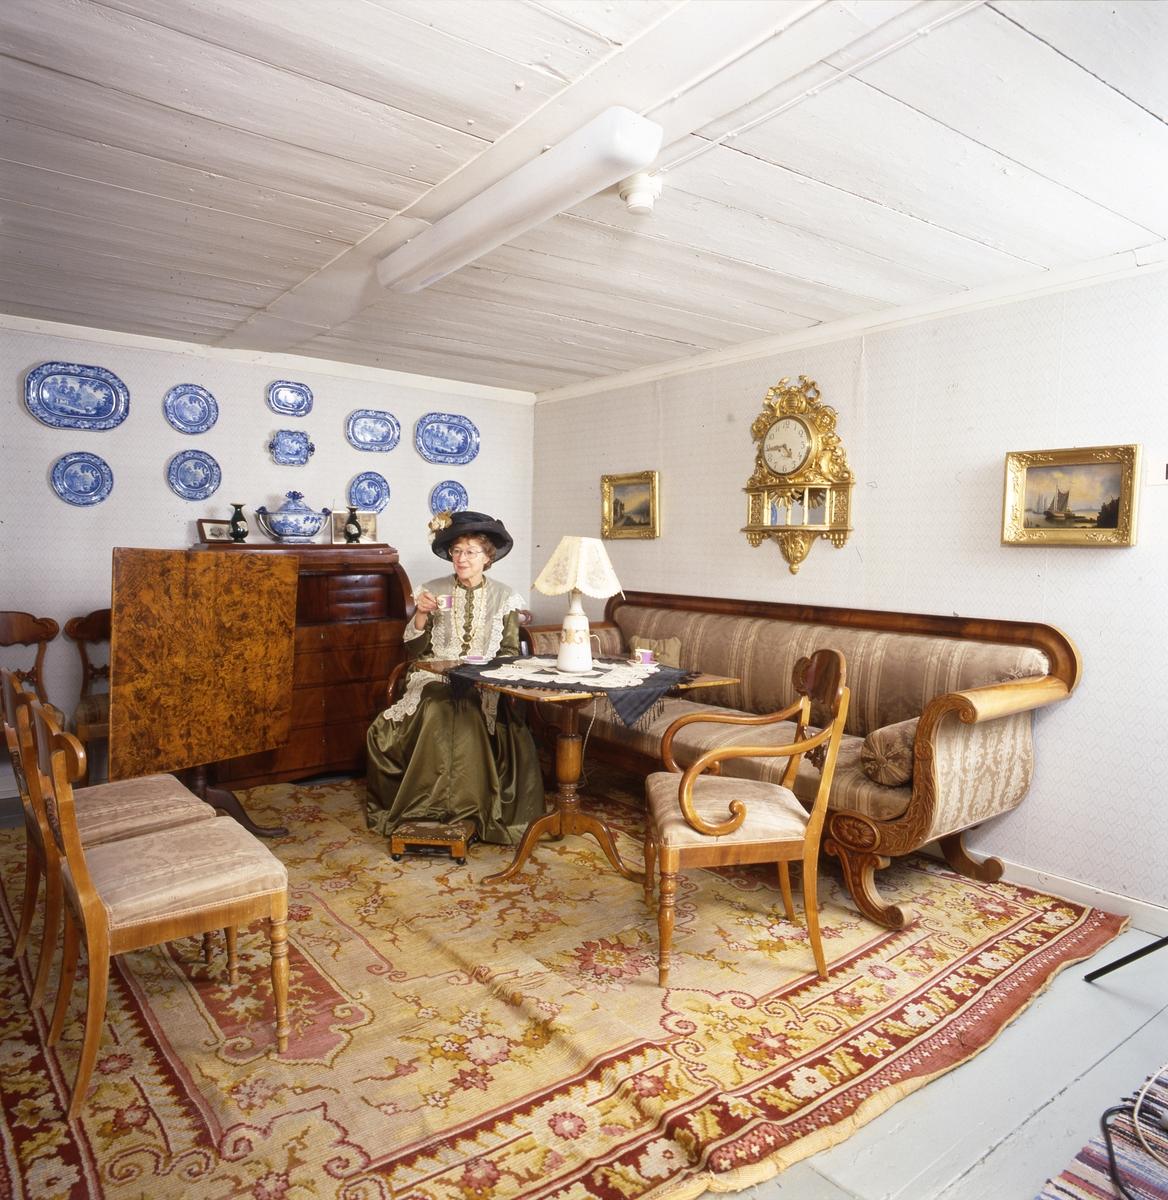 Arboga museum, interiör med Karin Lindkvist som tidstypiskt klädd kvinna.  En kvinna iklädd bredbrättad hatt, halskedja och lång, grön, spetsförsedd känning sitter vid ett bord och dricker kaffe. I rummet ses två fåtöljer, en tygklädd soffa, en fotpall, en chiffonjé och ett pelarbord med en stor lampa på. Övriga prydnadsföremål är en  soppterrin, tallrikar och tavlor på väggen. På golvet ligger en stor matta.